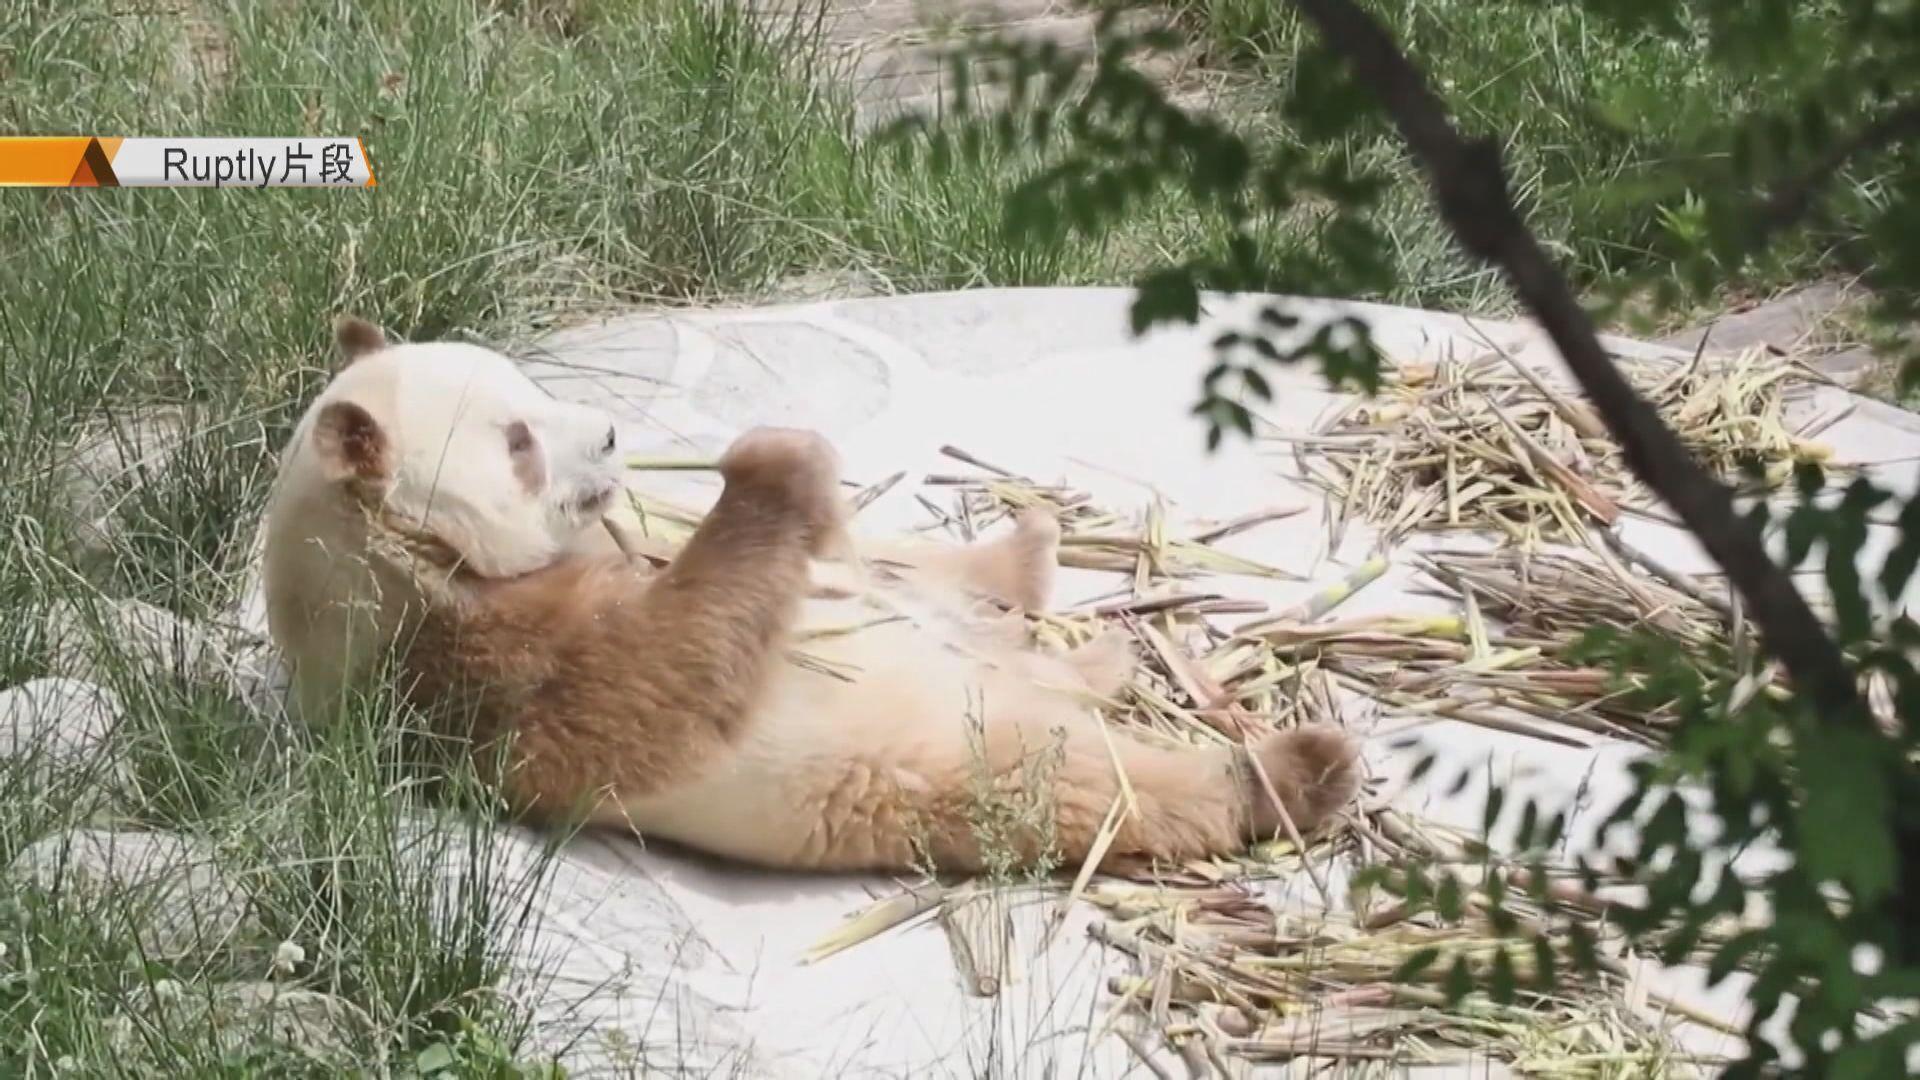 【環球薈報】全球唯一圈養棕色大熊貓「七仔」首見公眾